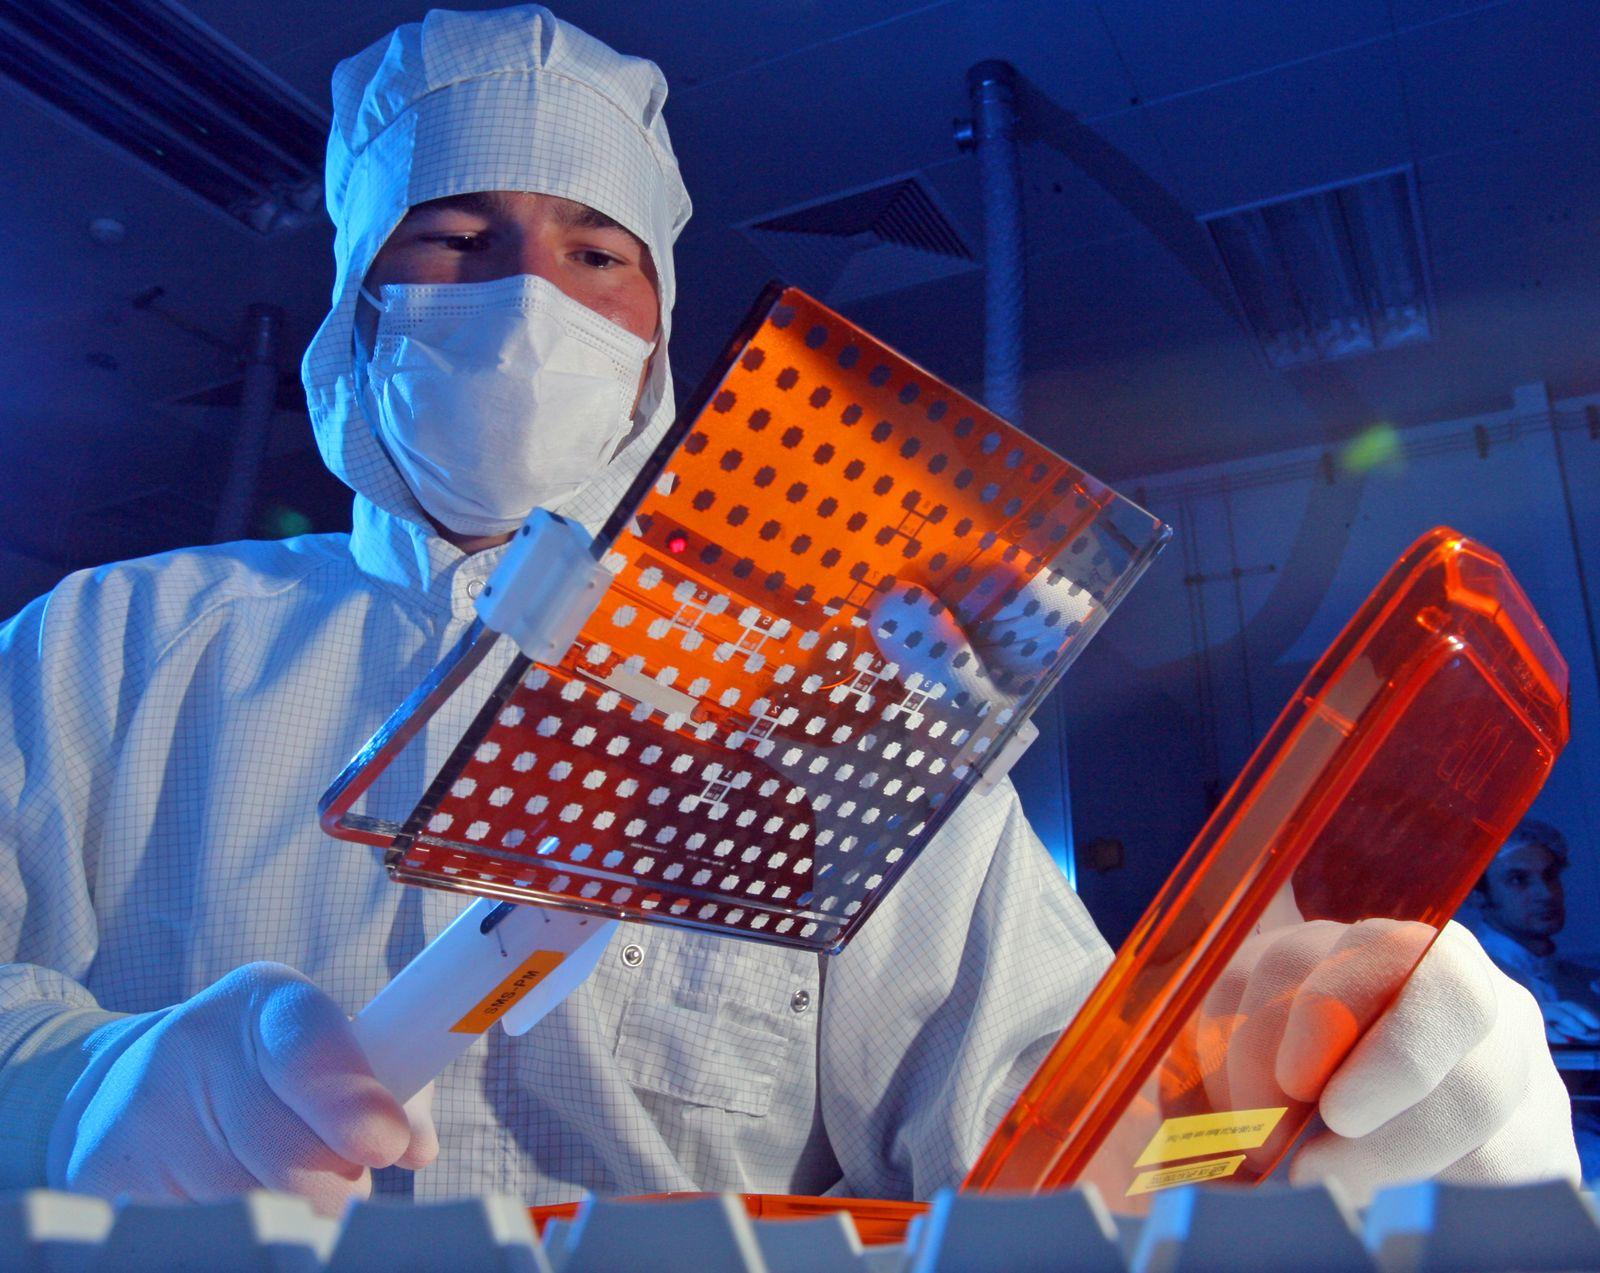 Inspektions- und Reparatursysteme / Carl Zeiss SMS GmbH